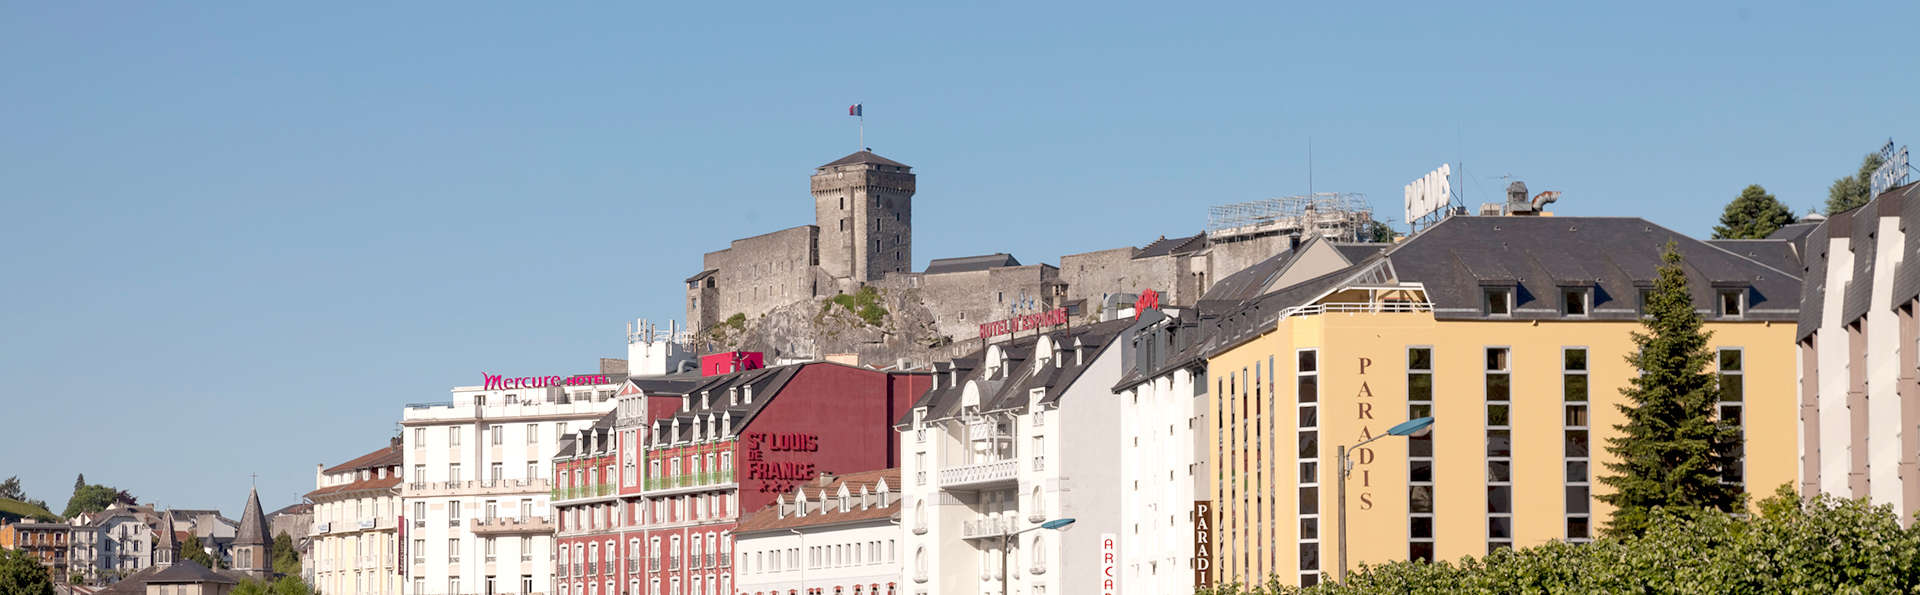 Séjour en famille ou entre amis à Lourdes